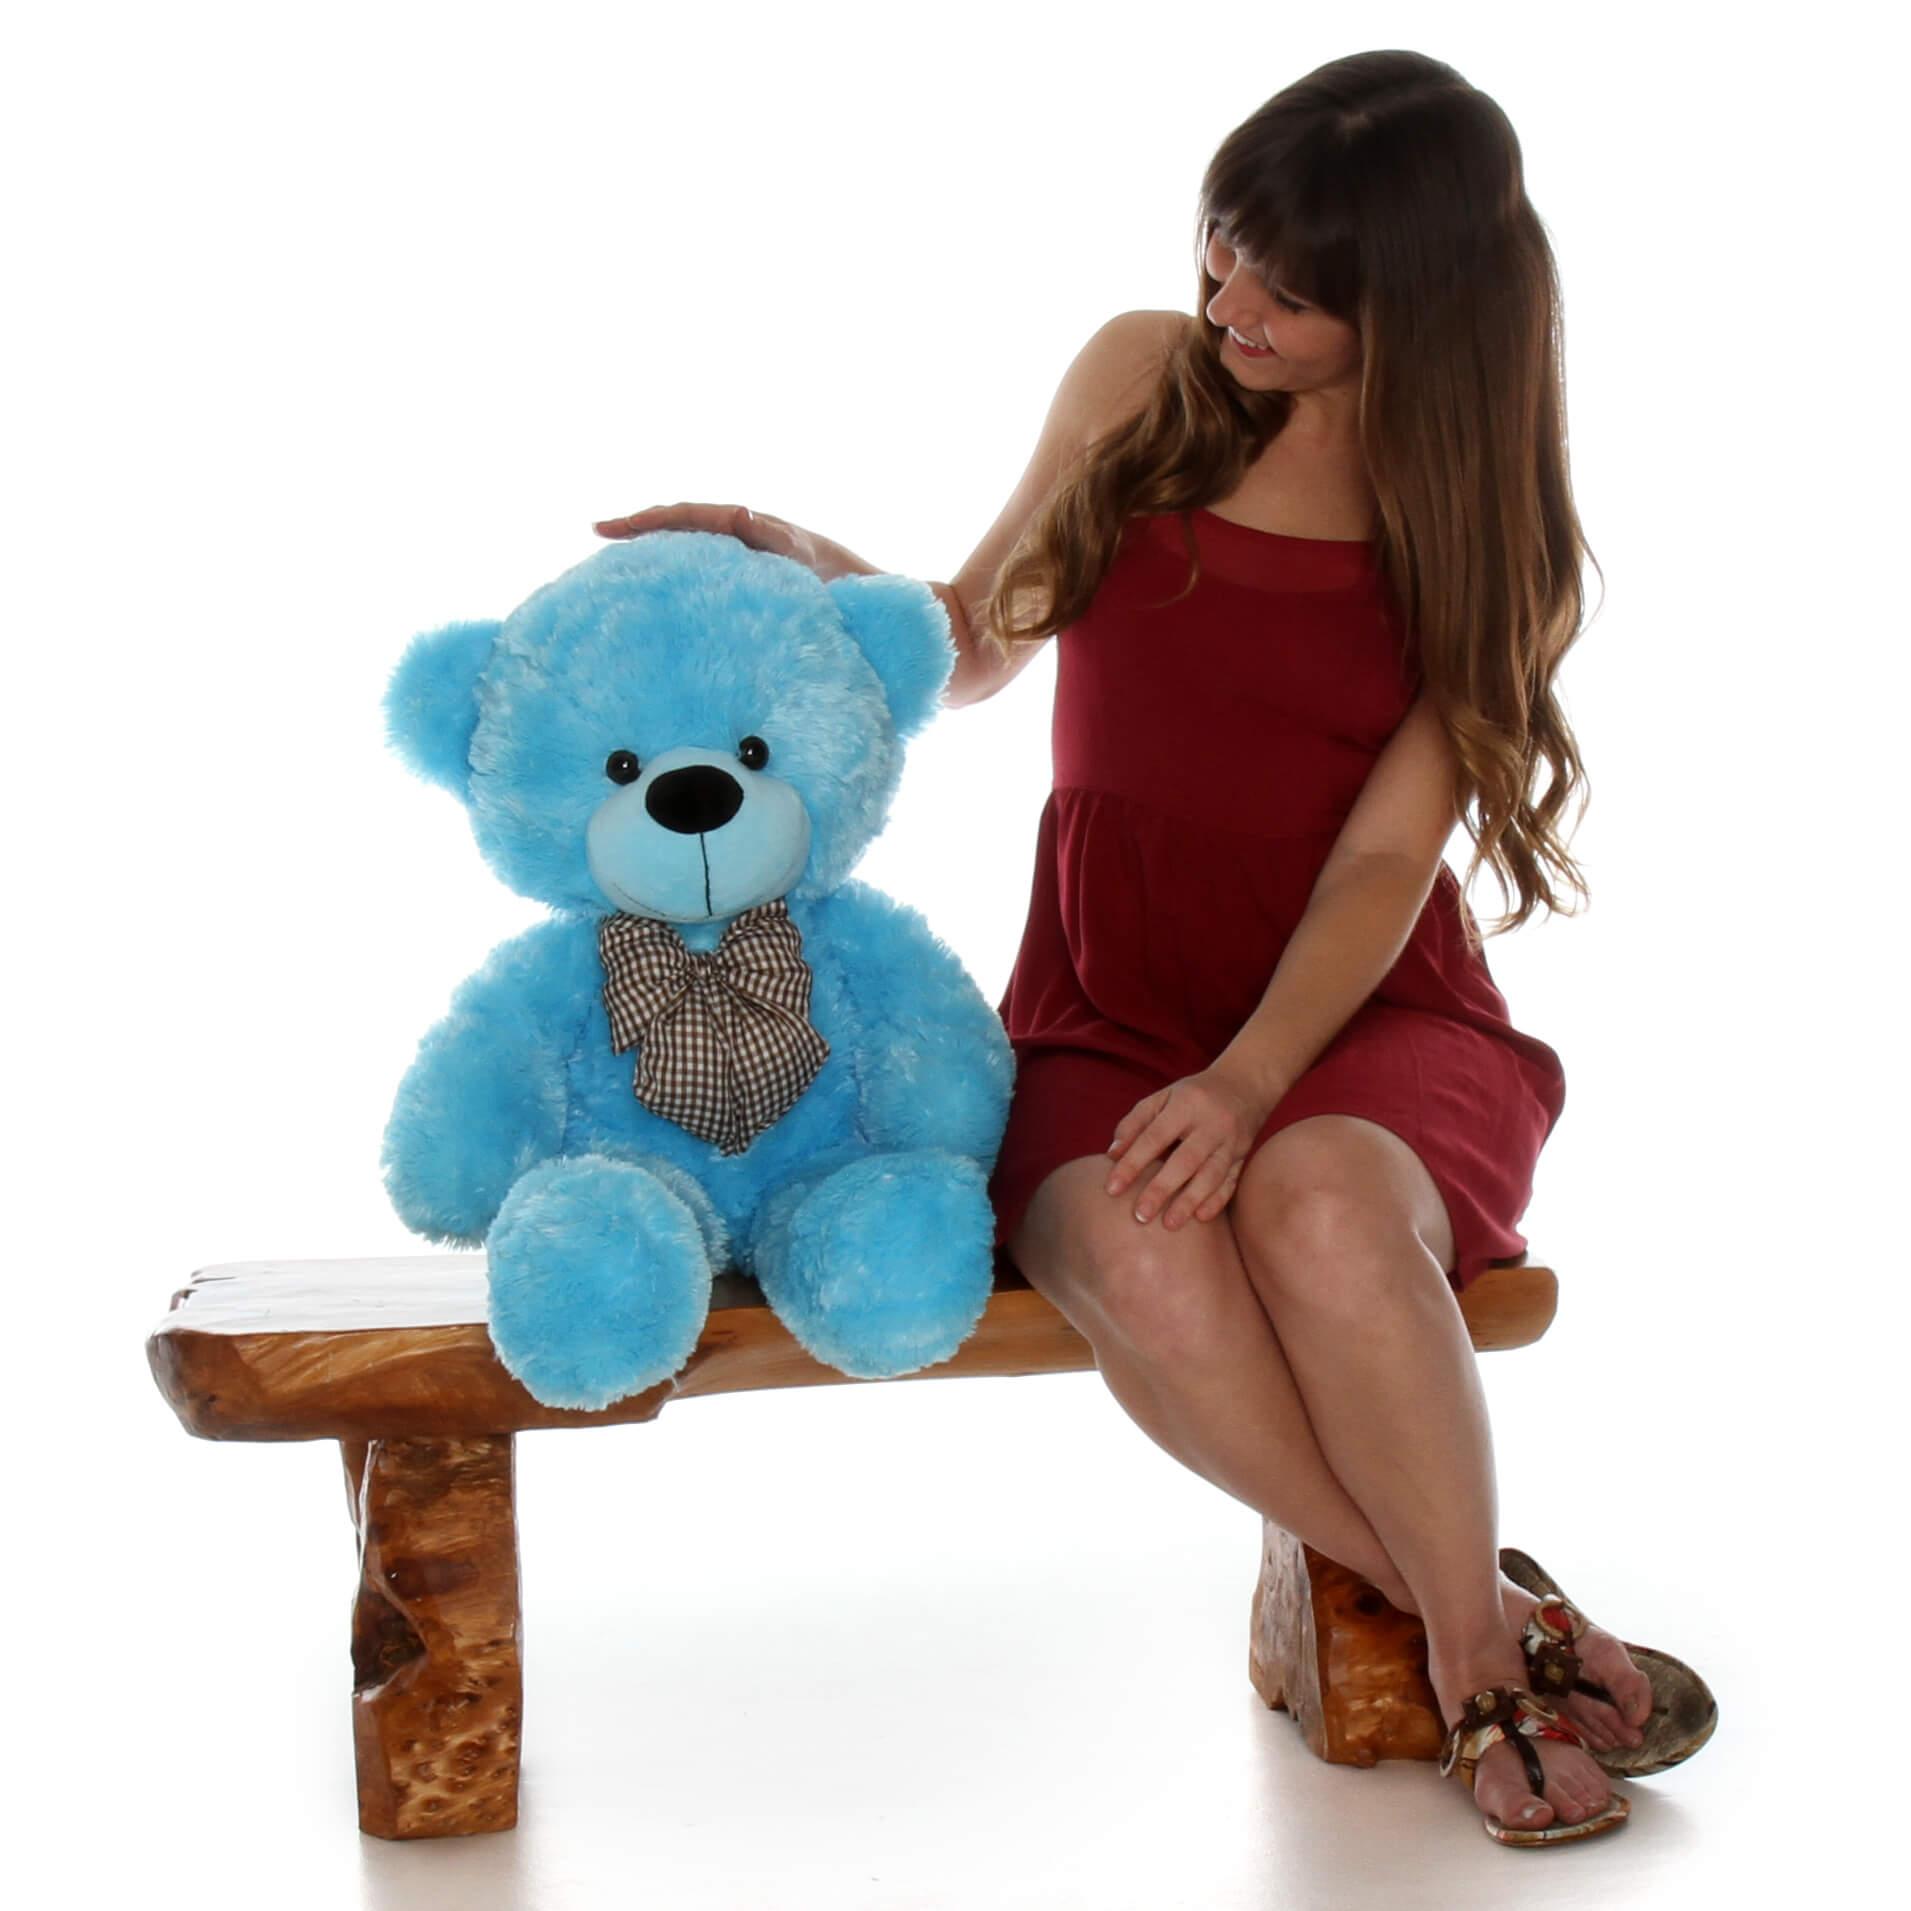 oversized-blue-teddy-bear-happy-cuddles-30in-1.jpg